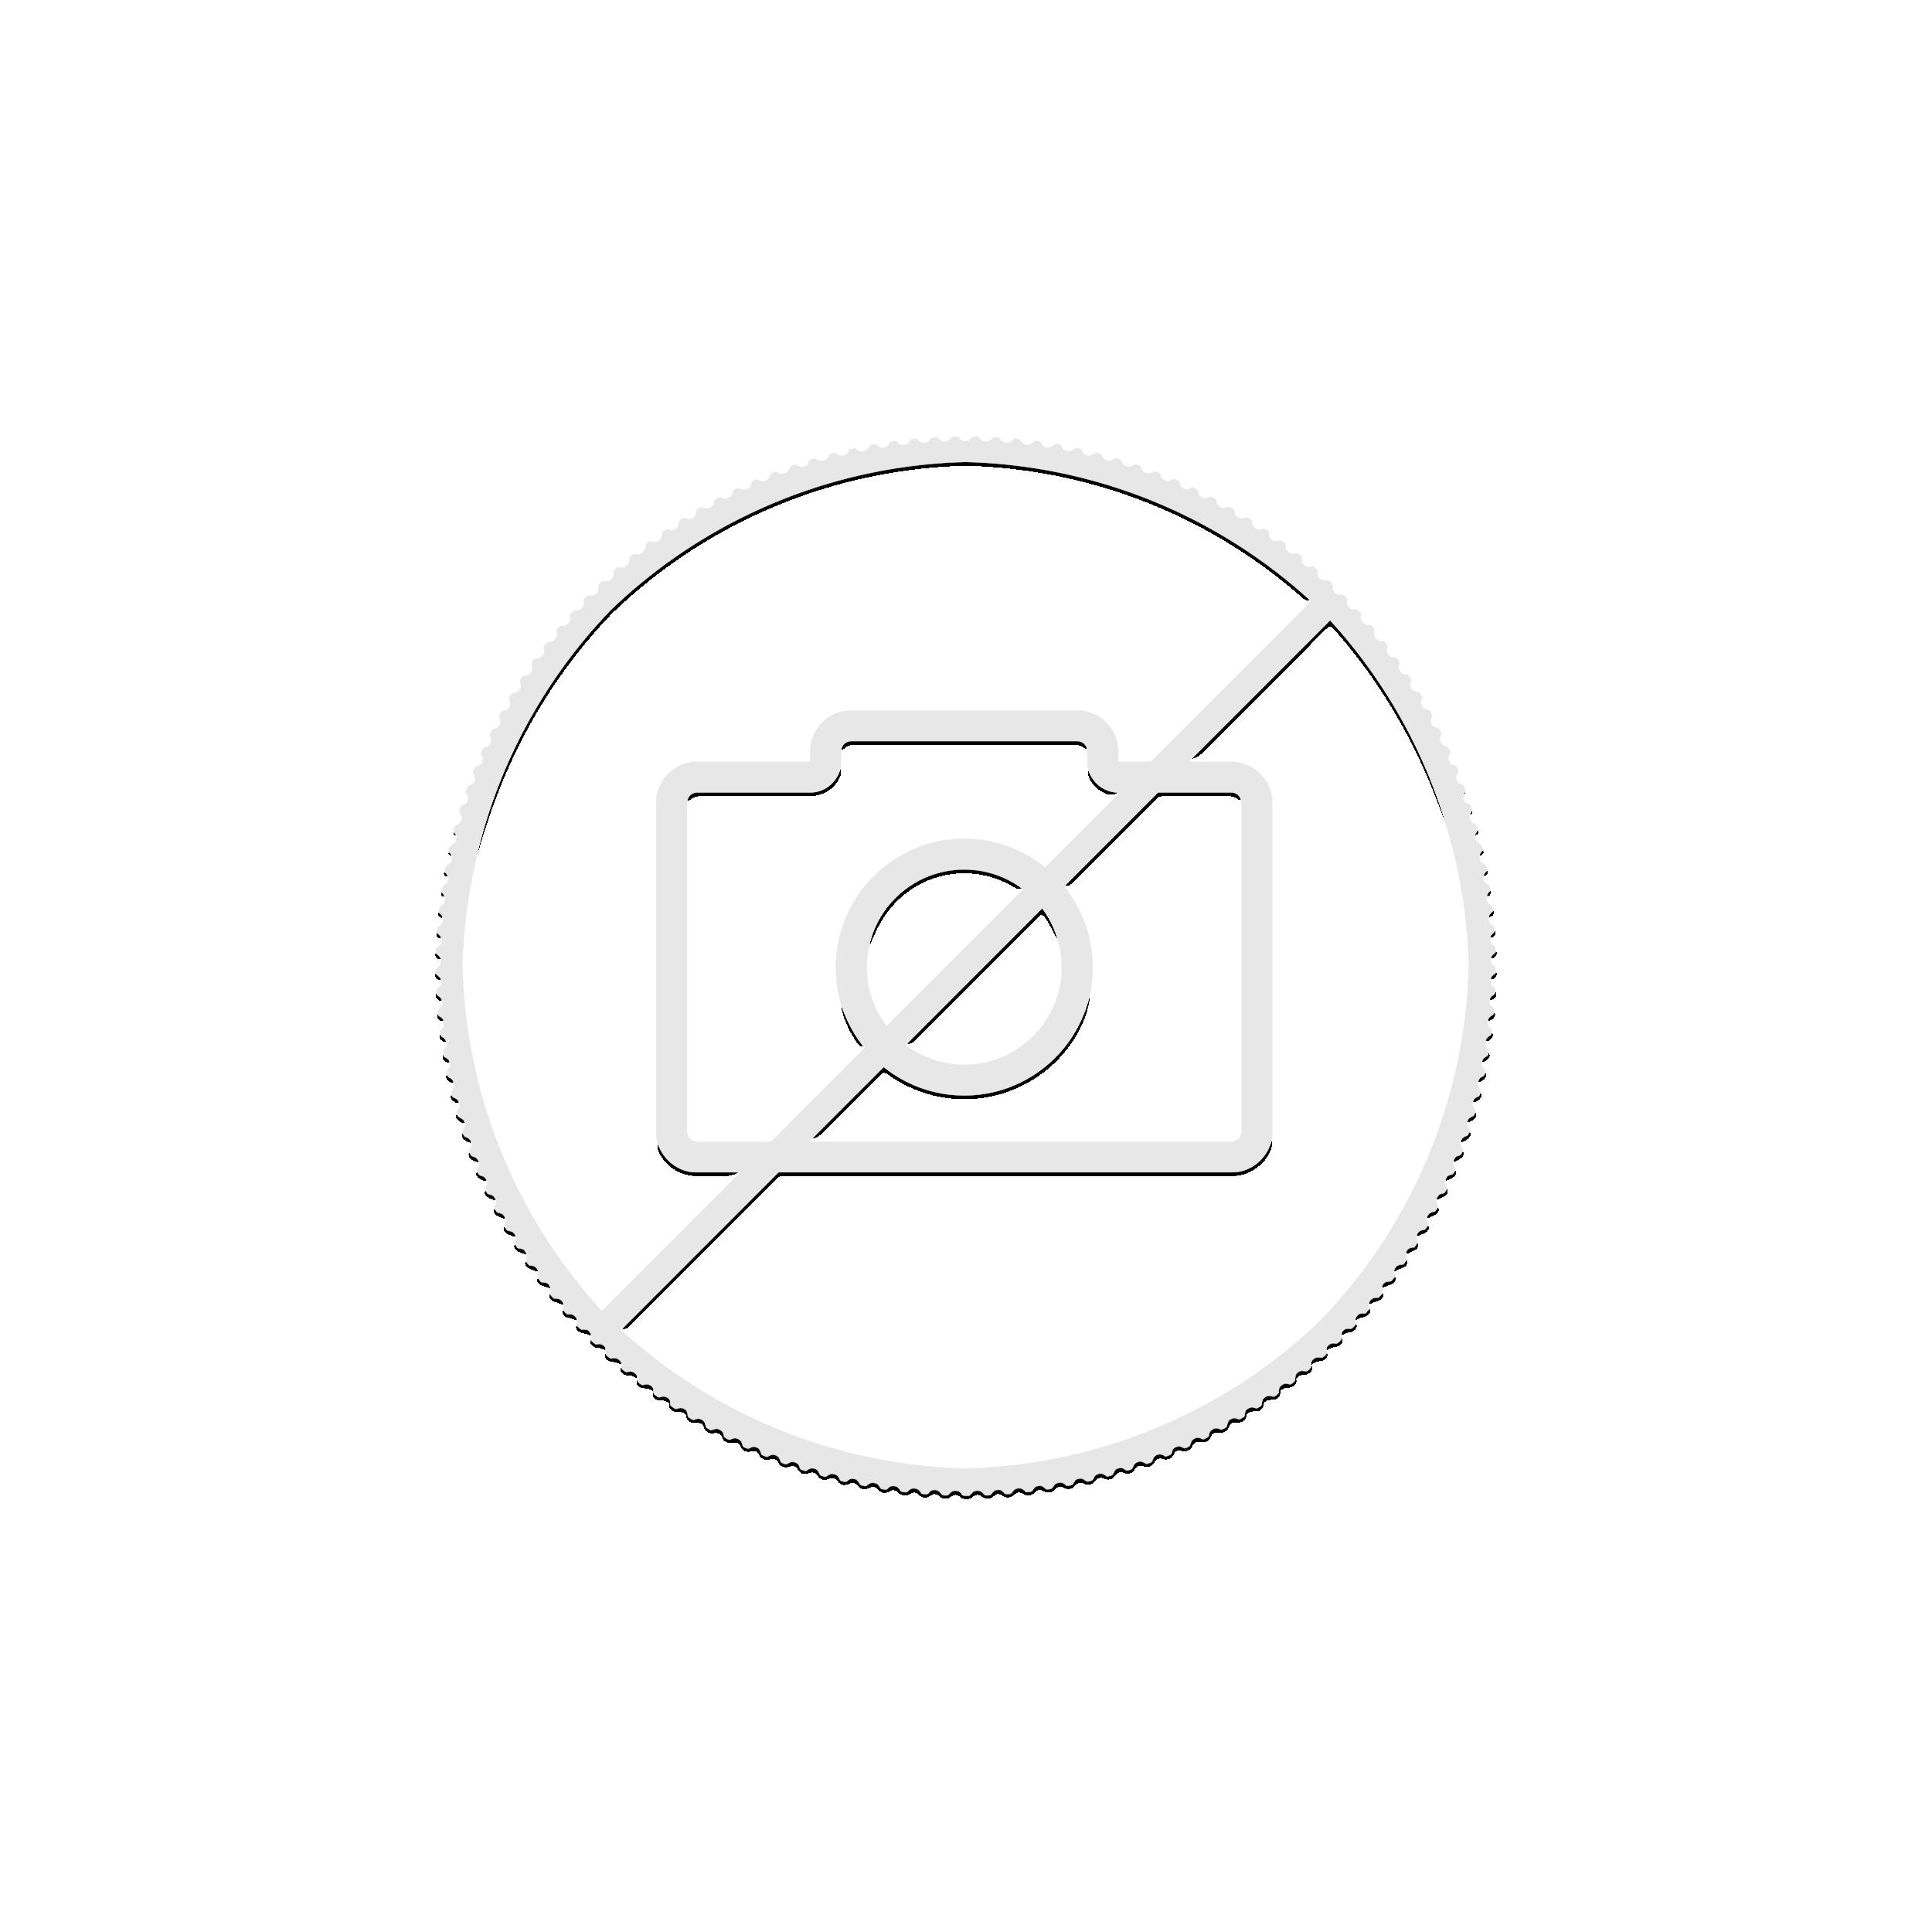 1 troy ounce zilveren munt Flamingo Virgin Islands